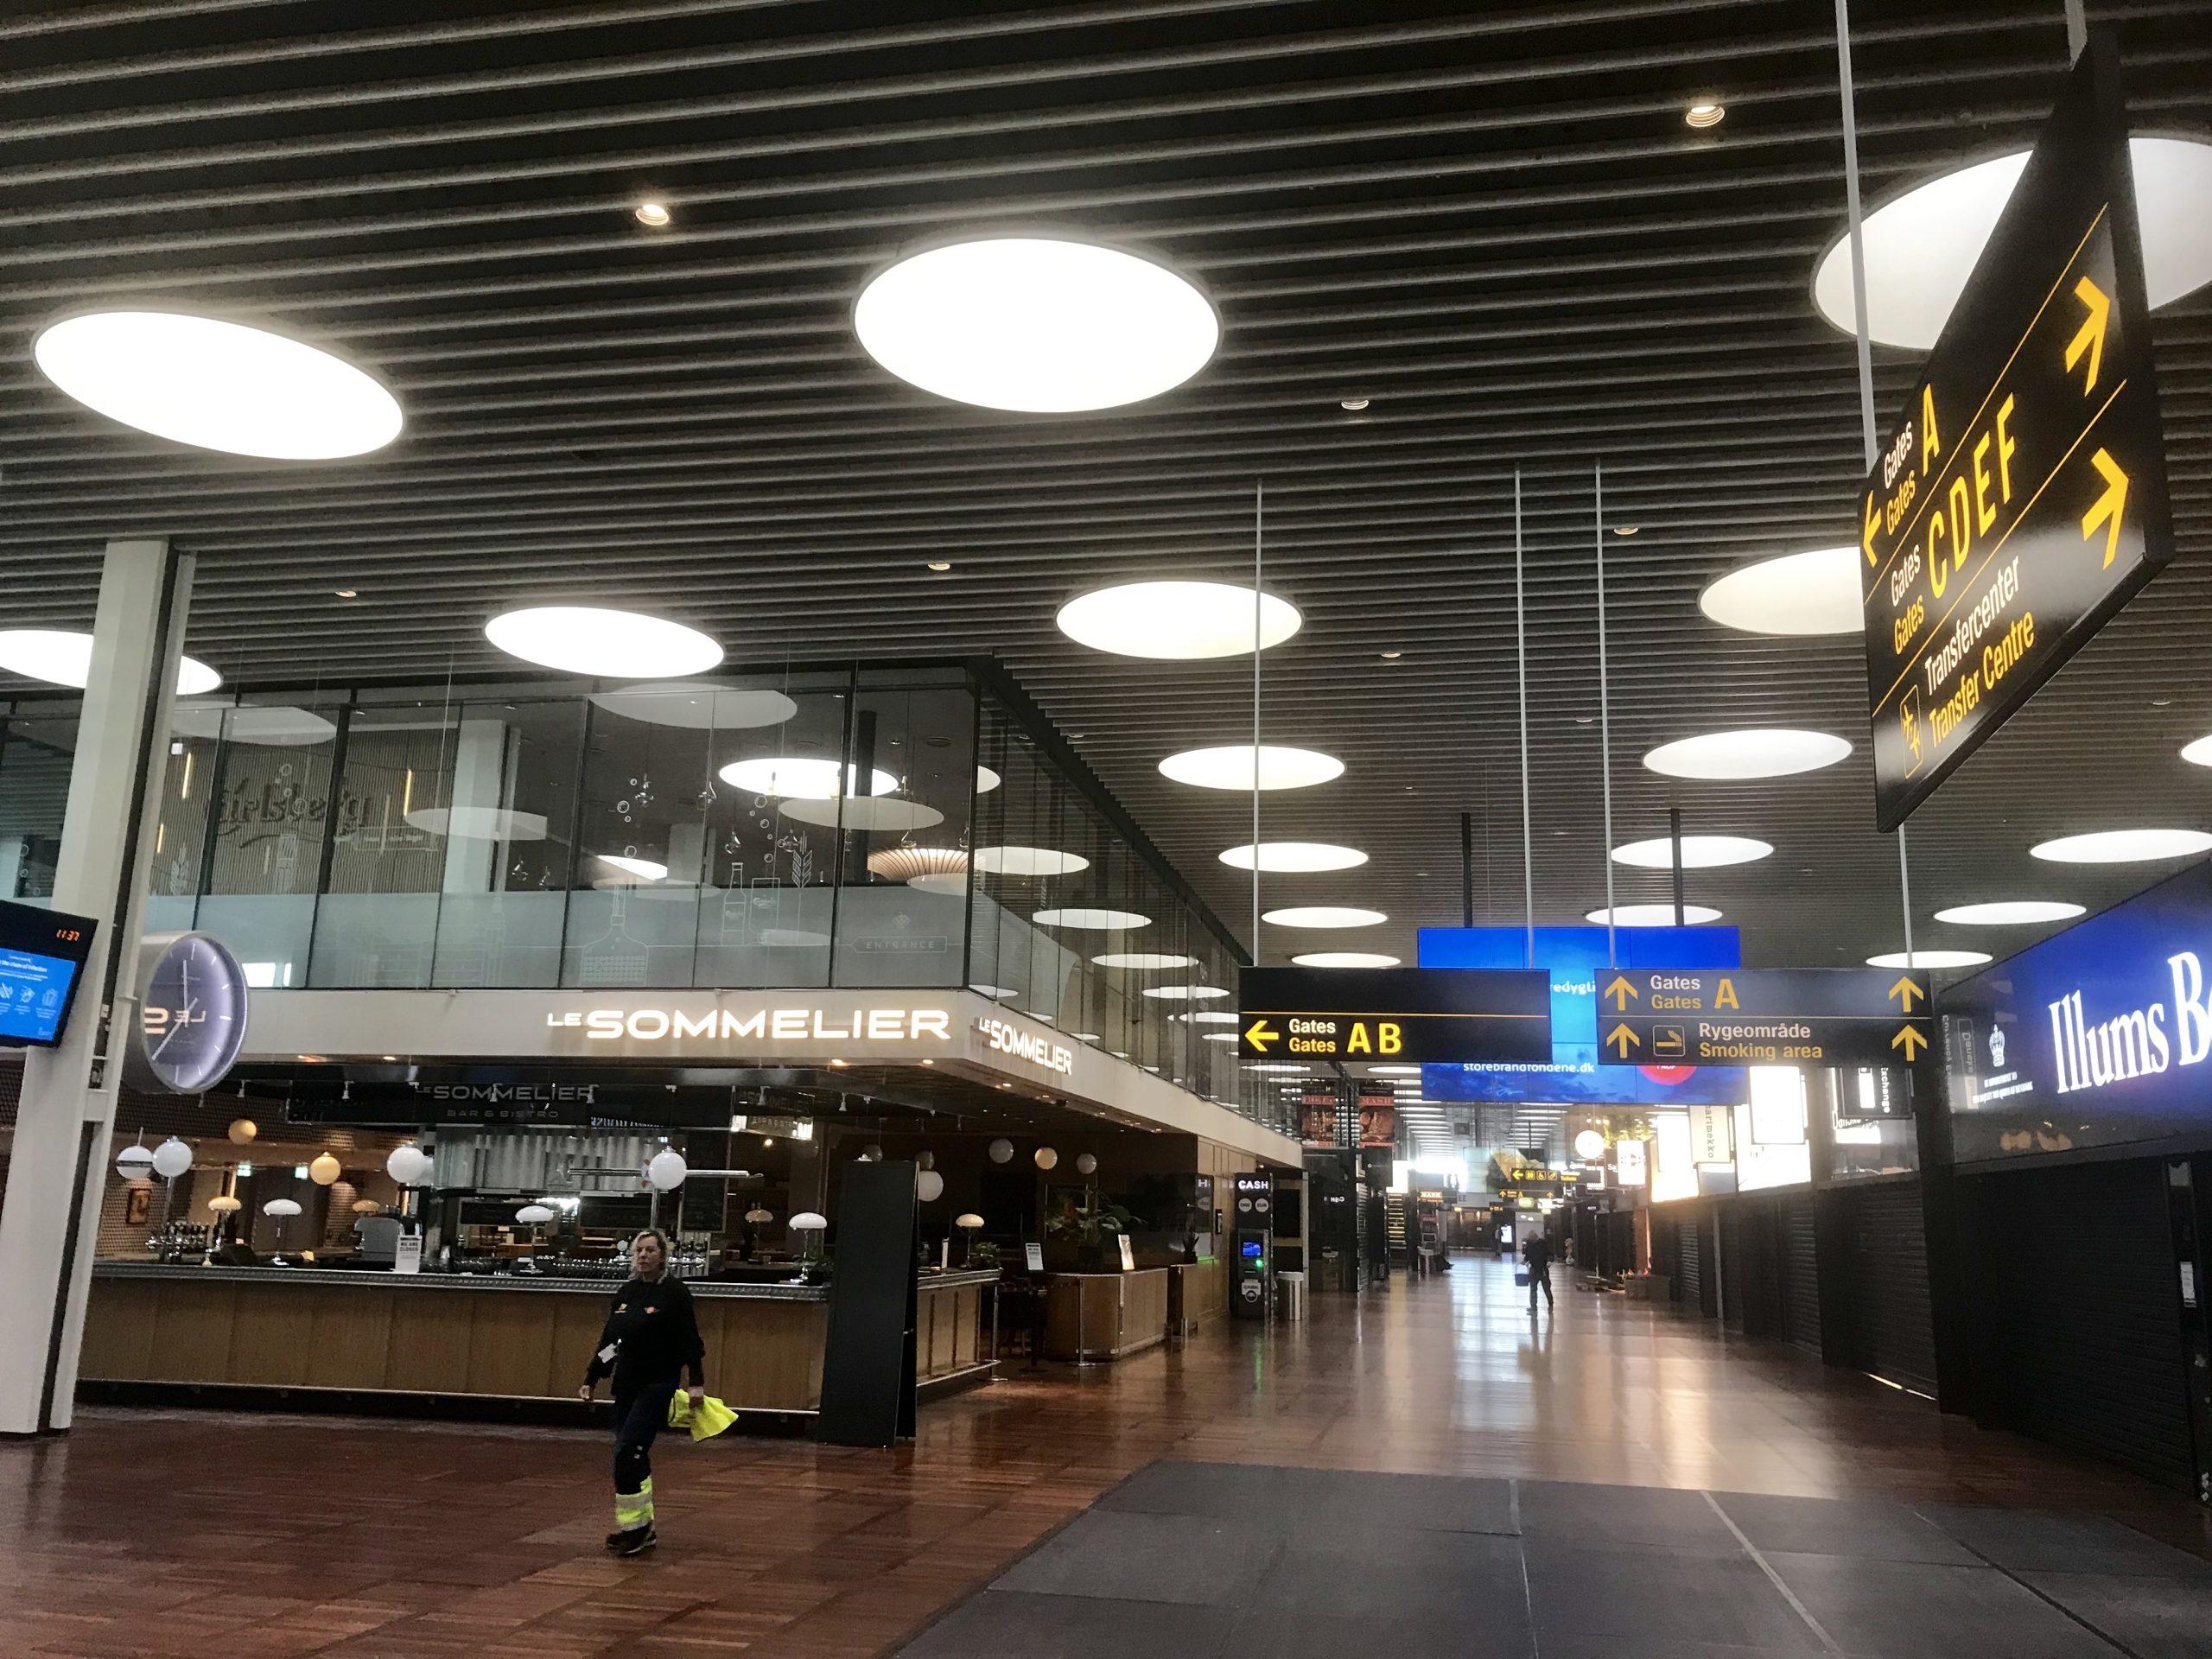 Københavns Lufthavn i april 2020. (Foto: Københavns Lufthavn | PR)